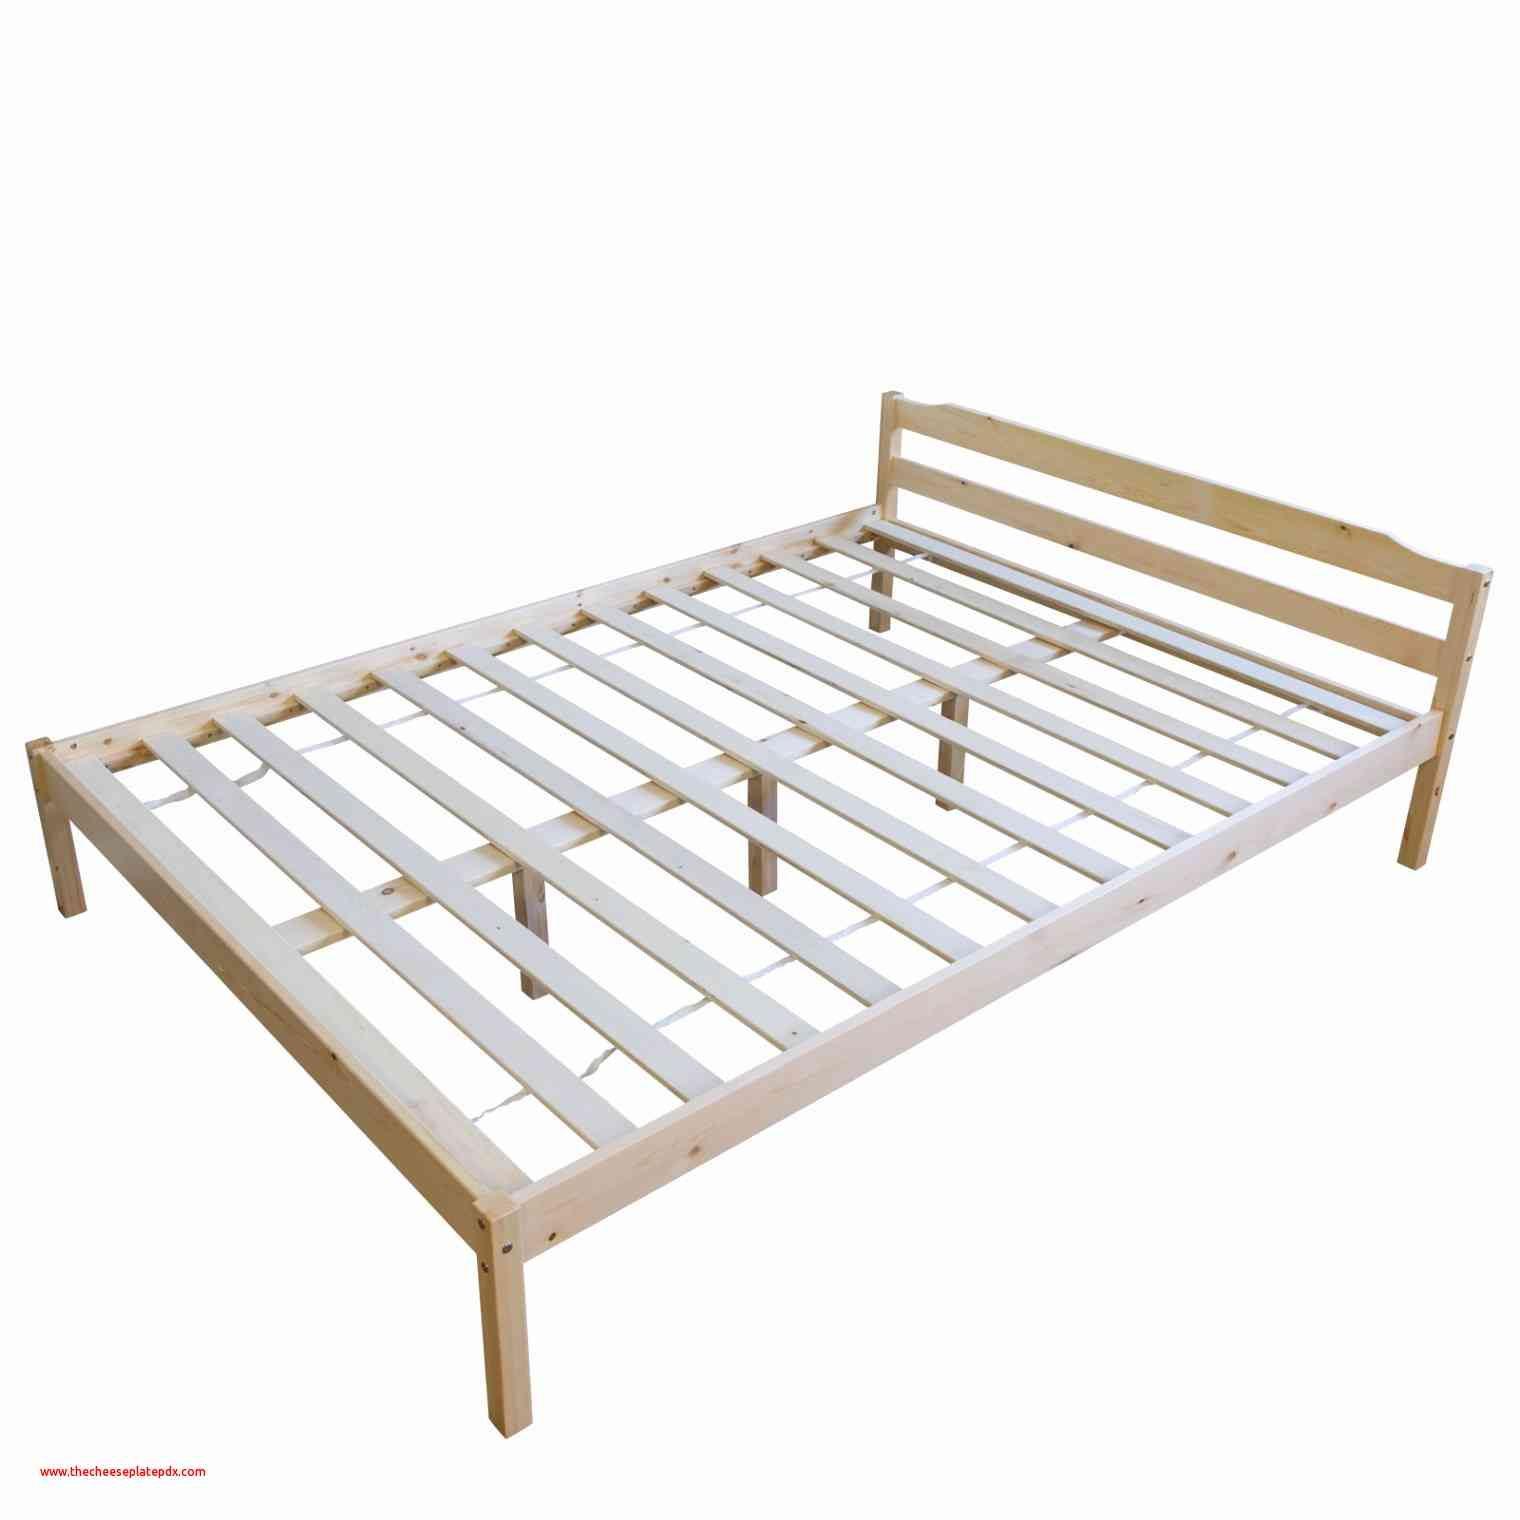 Ikea Lit 160 Frais To Bett 160x200 Ikea It S